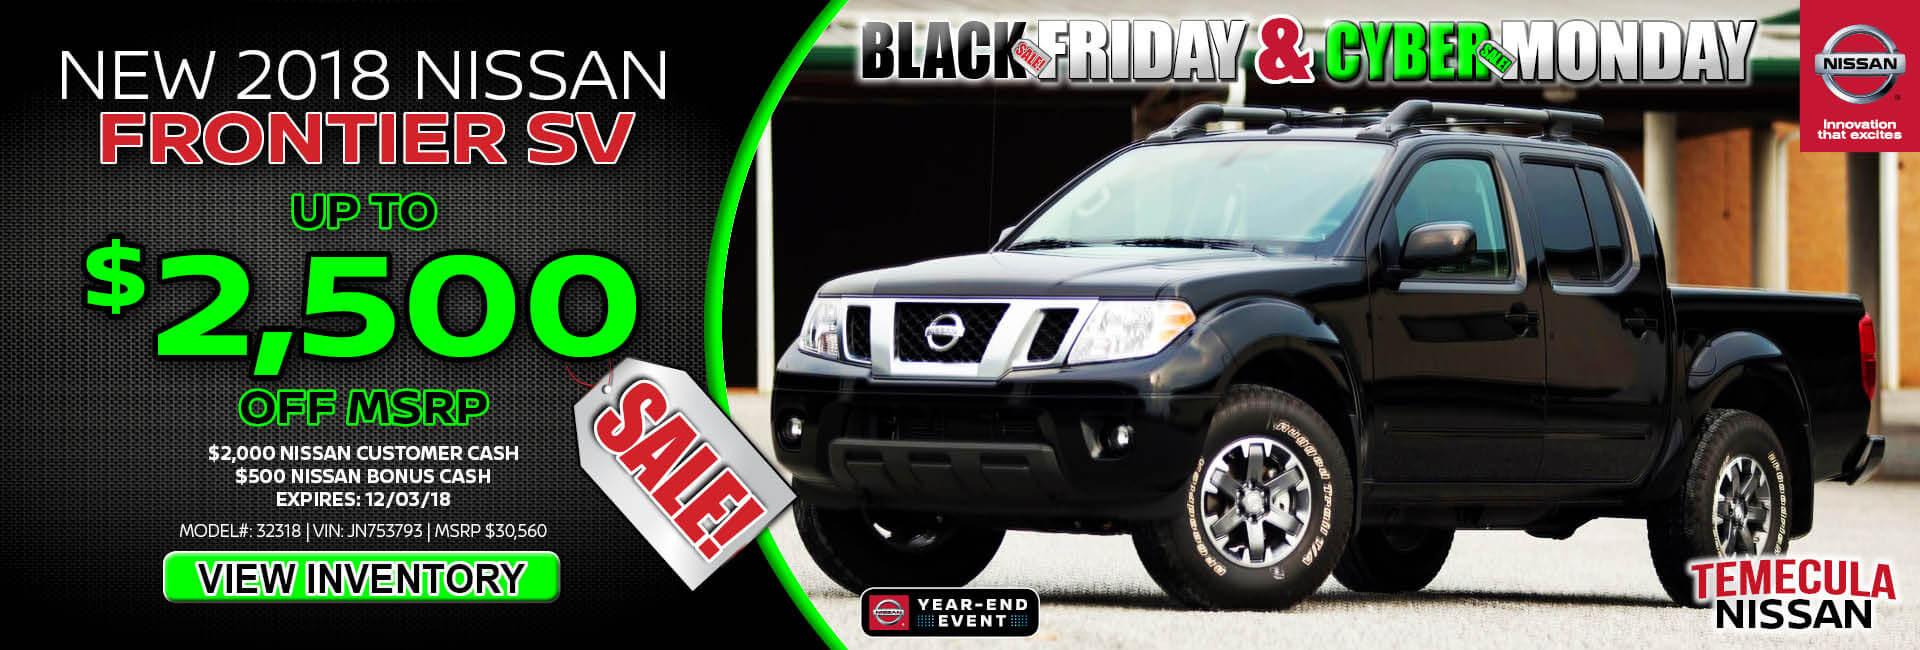 Nissan Frontier $2,500 off MSRP